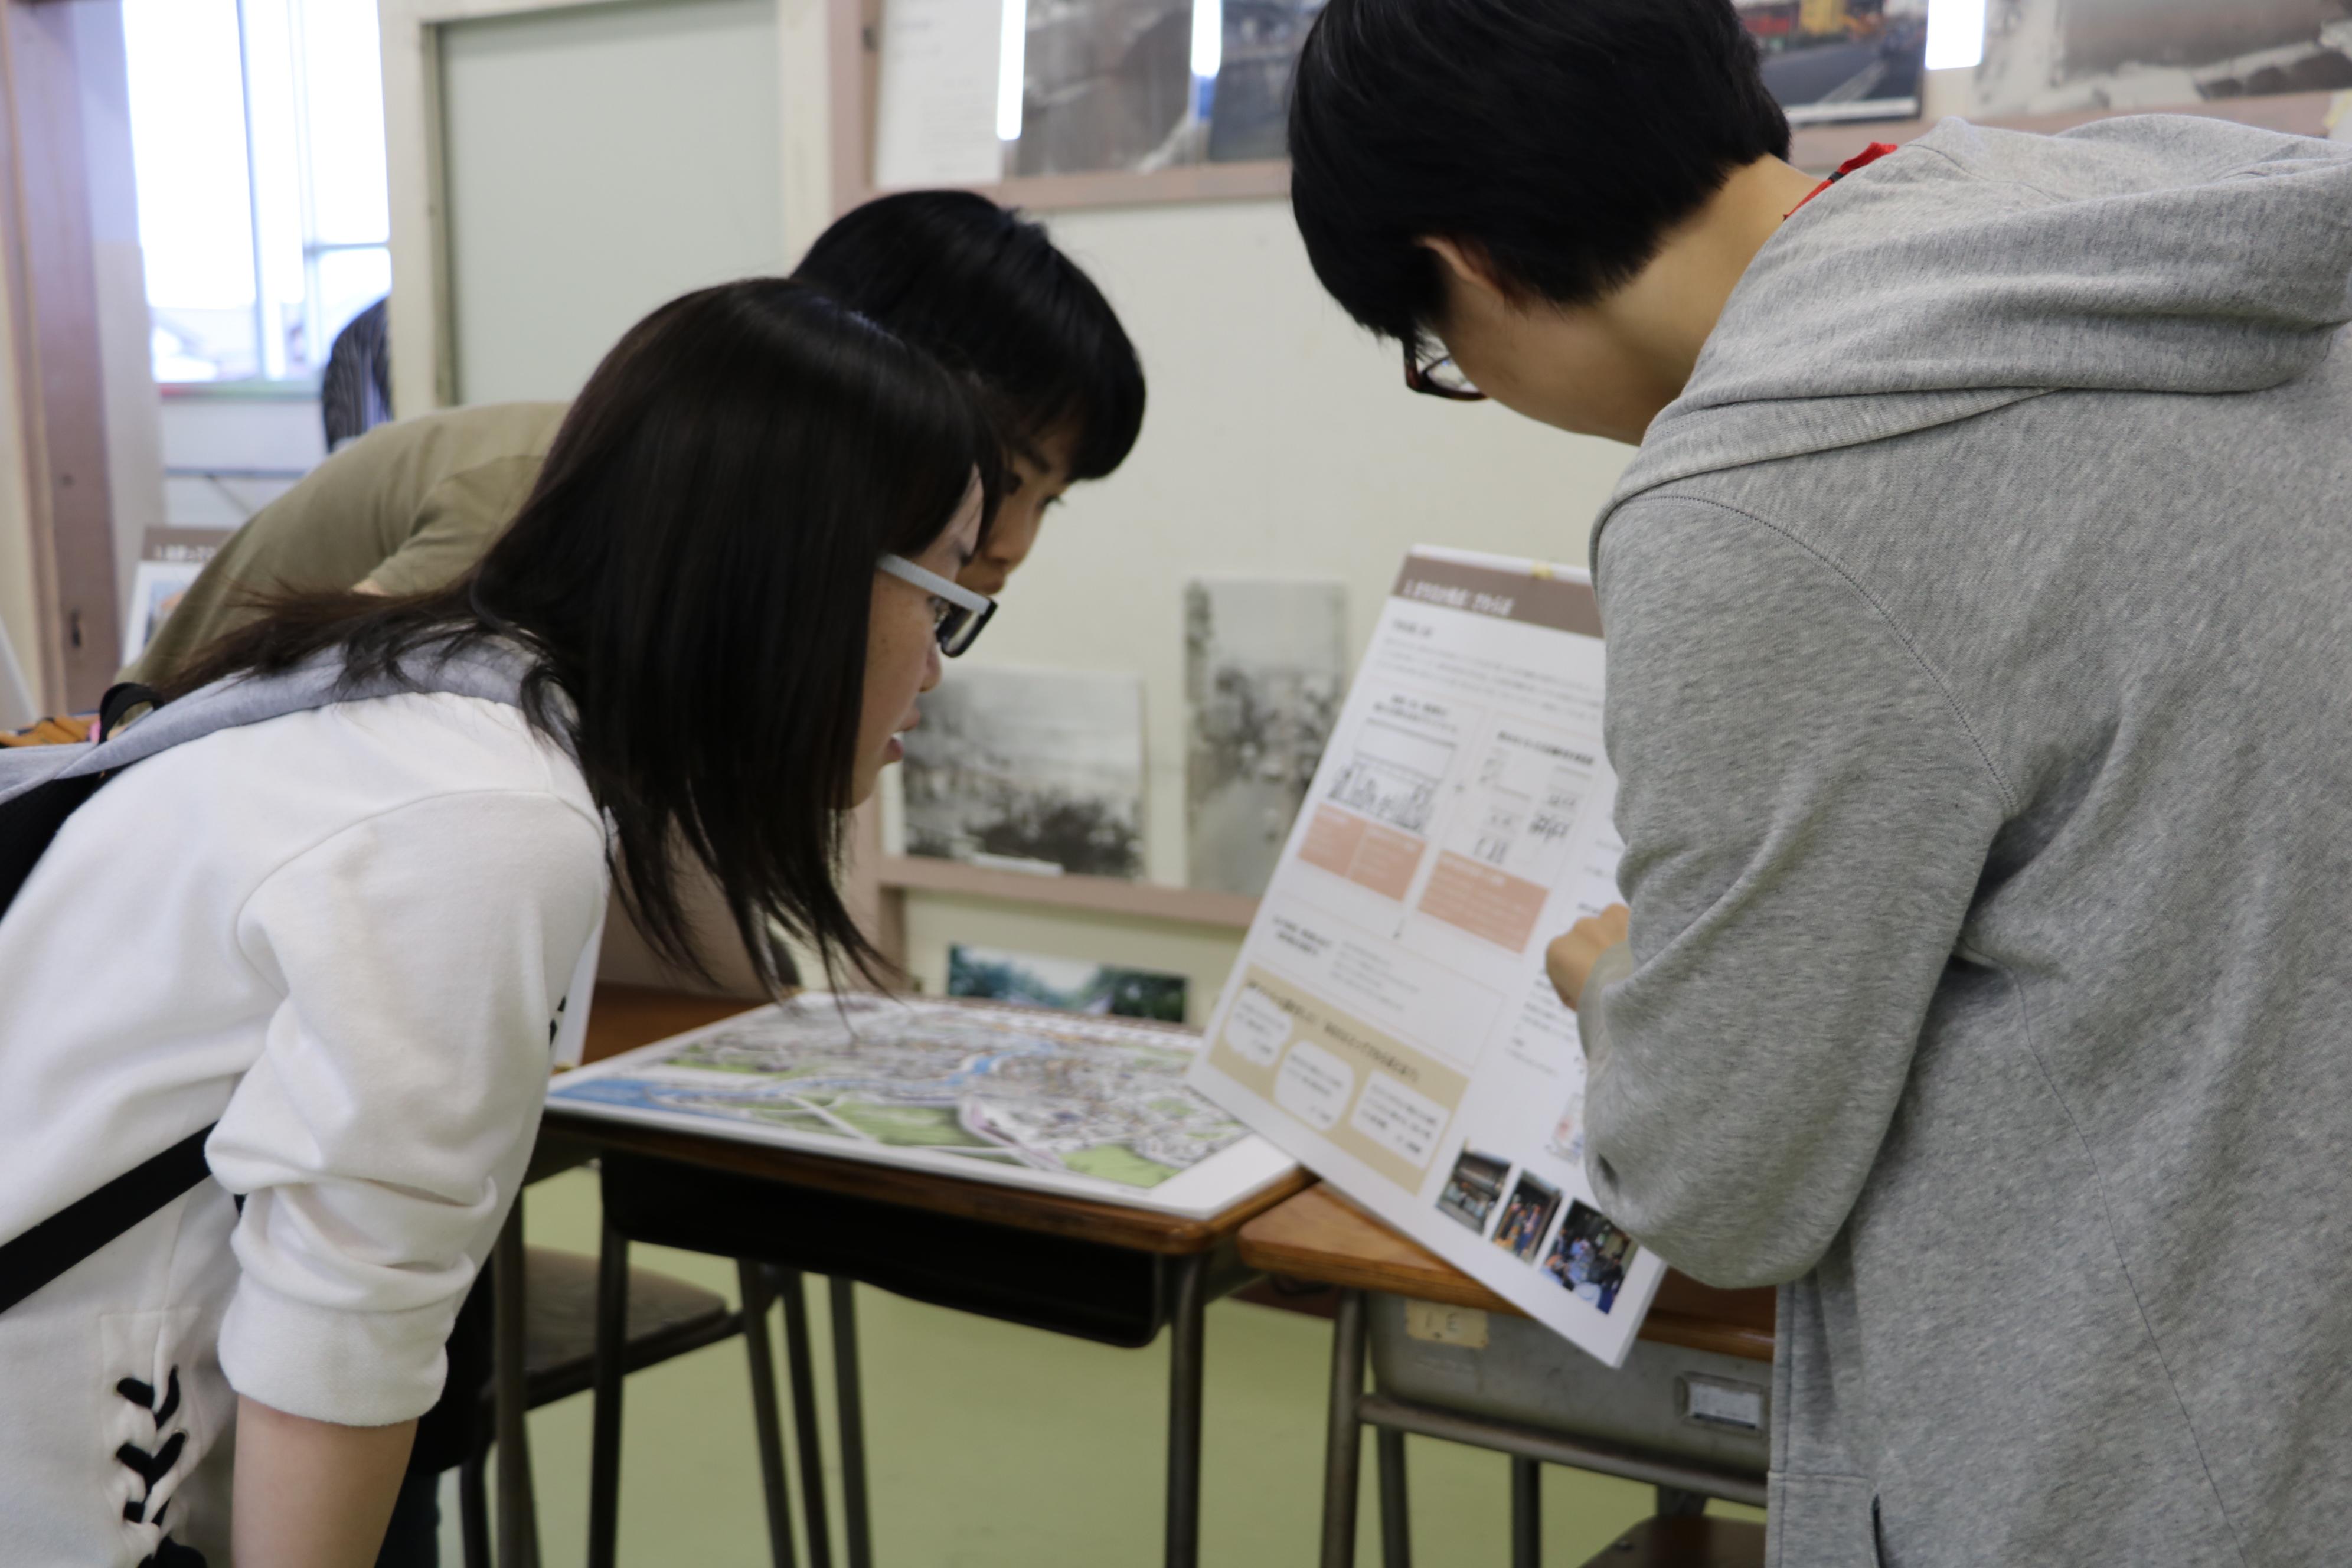 http://ud.t.u-tokyo.ac.jp/blog/_images/IMG_4612.JPG